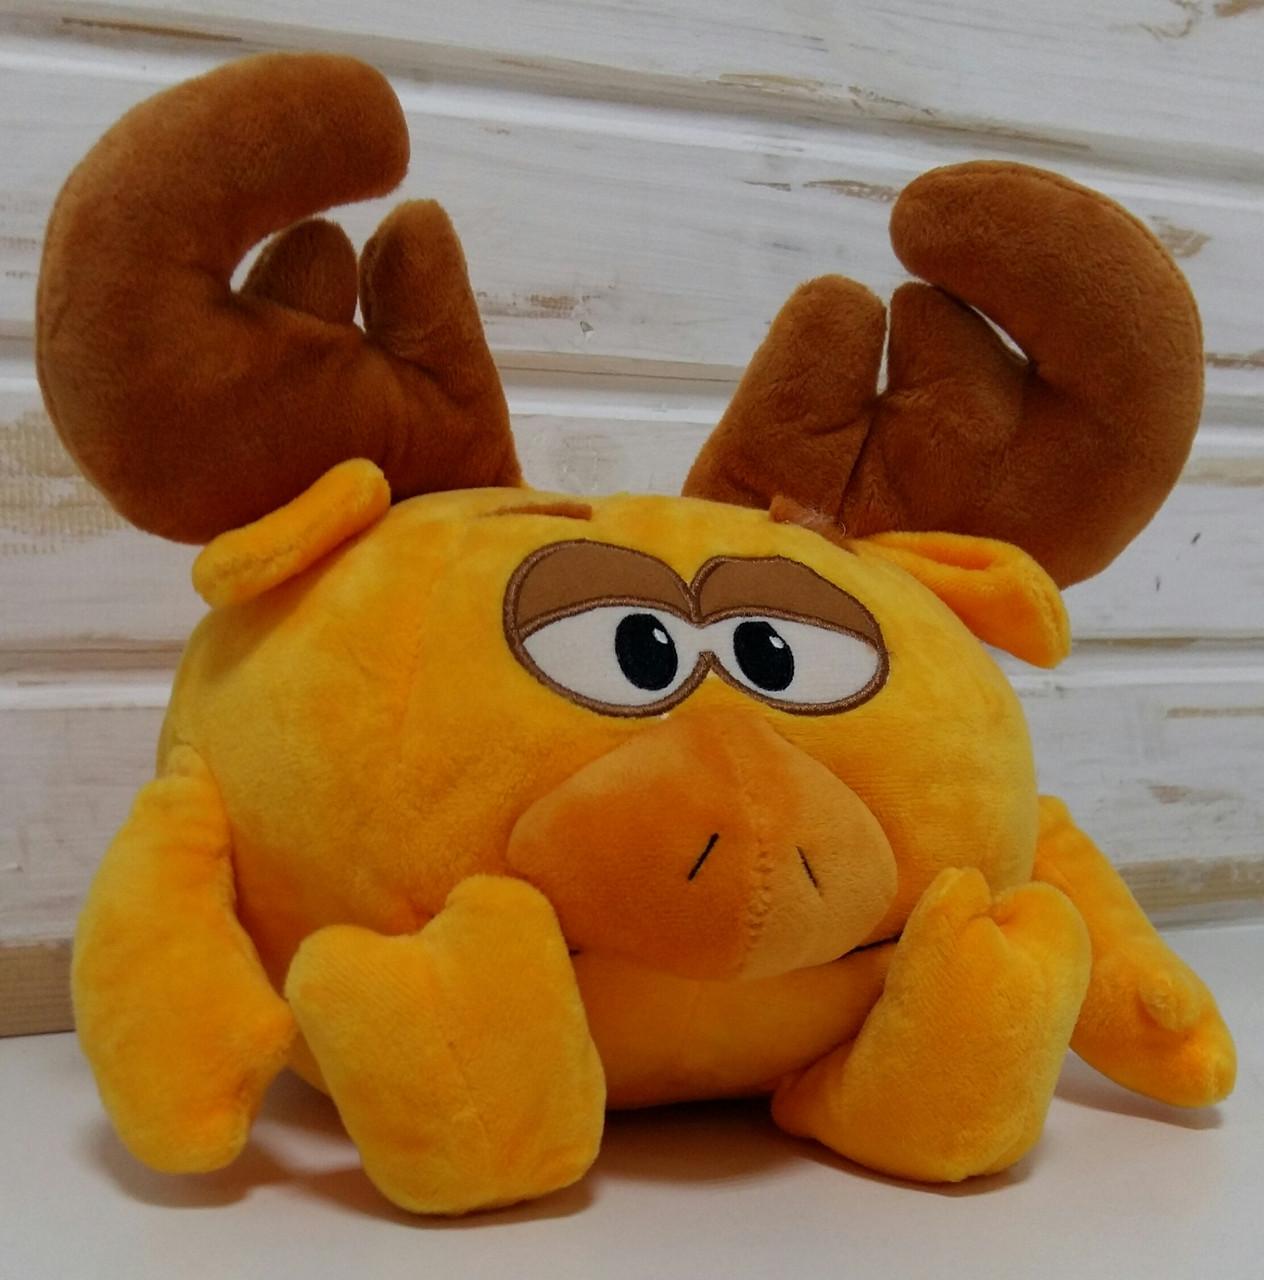 Мягкая игрушка в виде смешного Лося М 00238-3 Кроха Олень